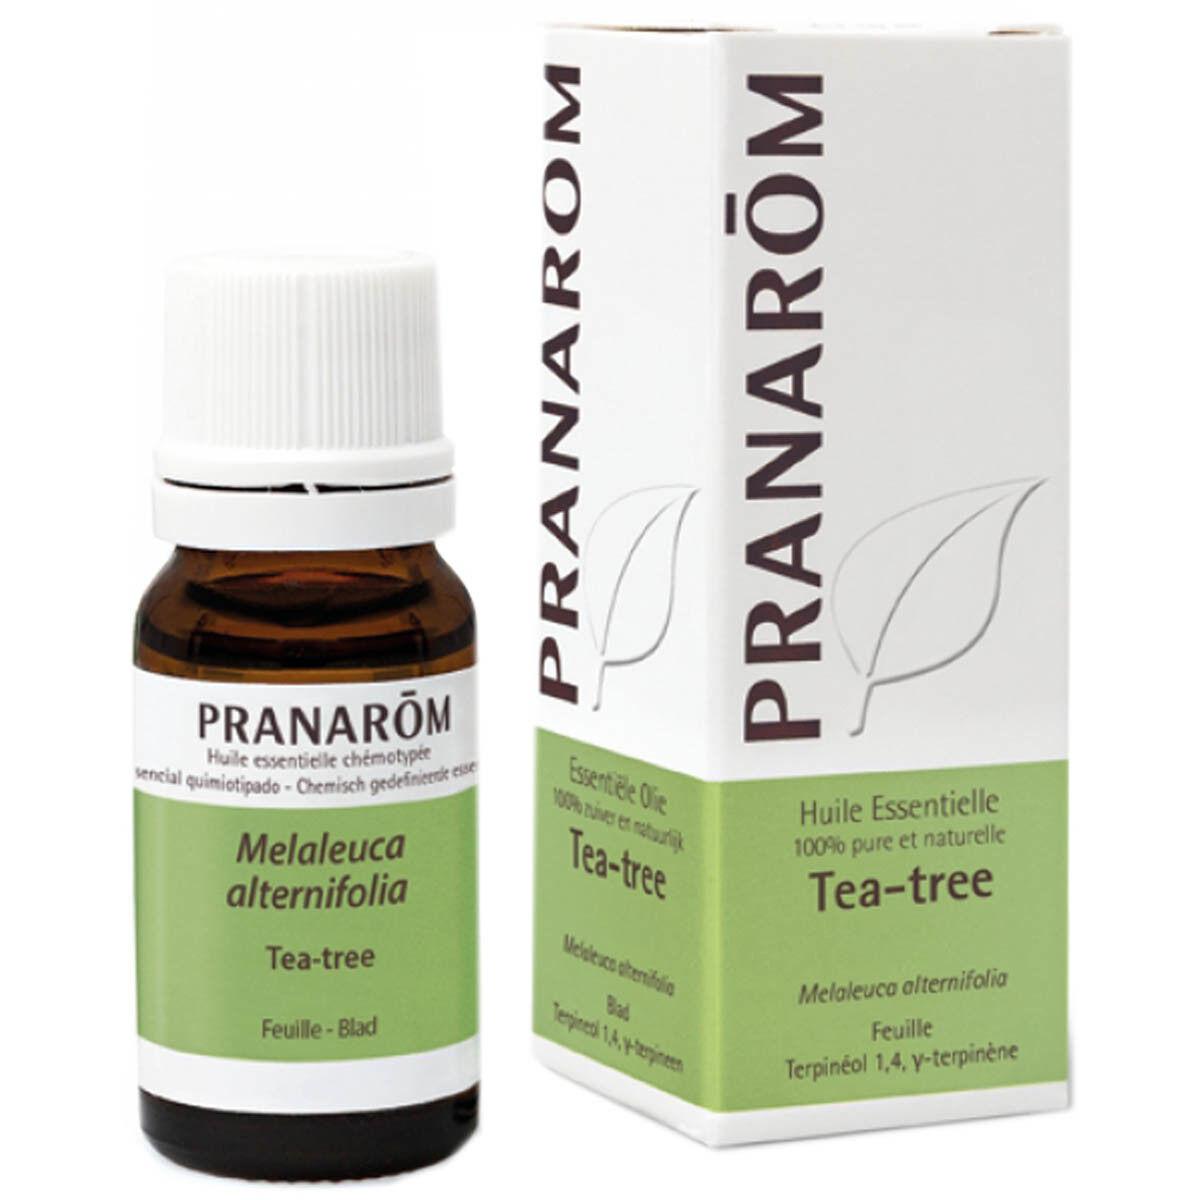 Pranarom huile essentielle tea-tree 10ml